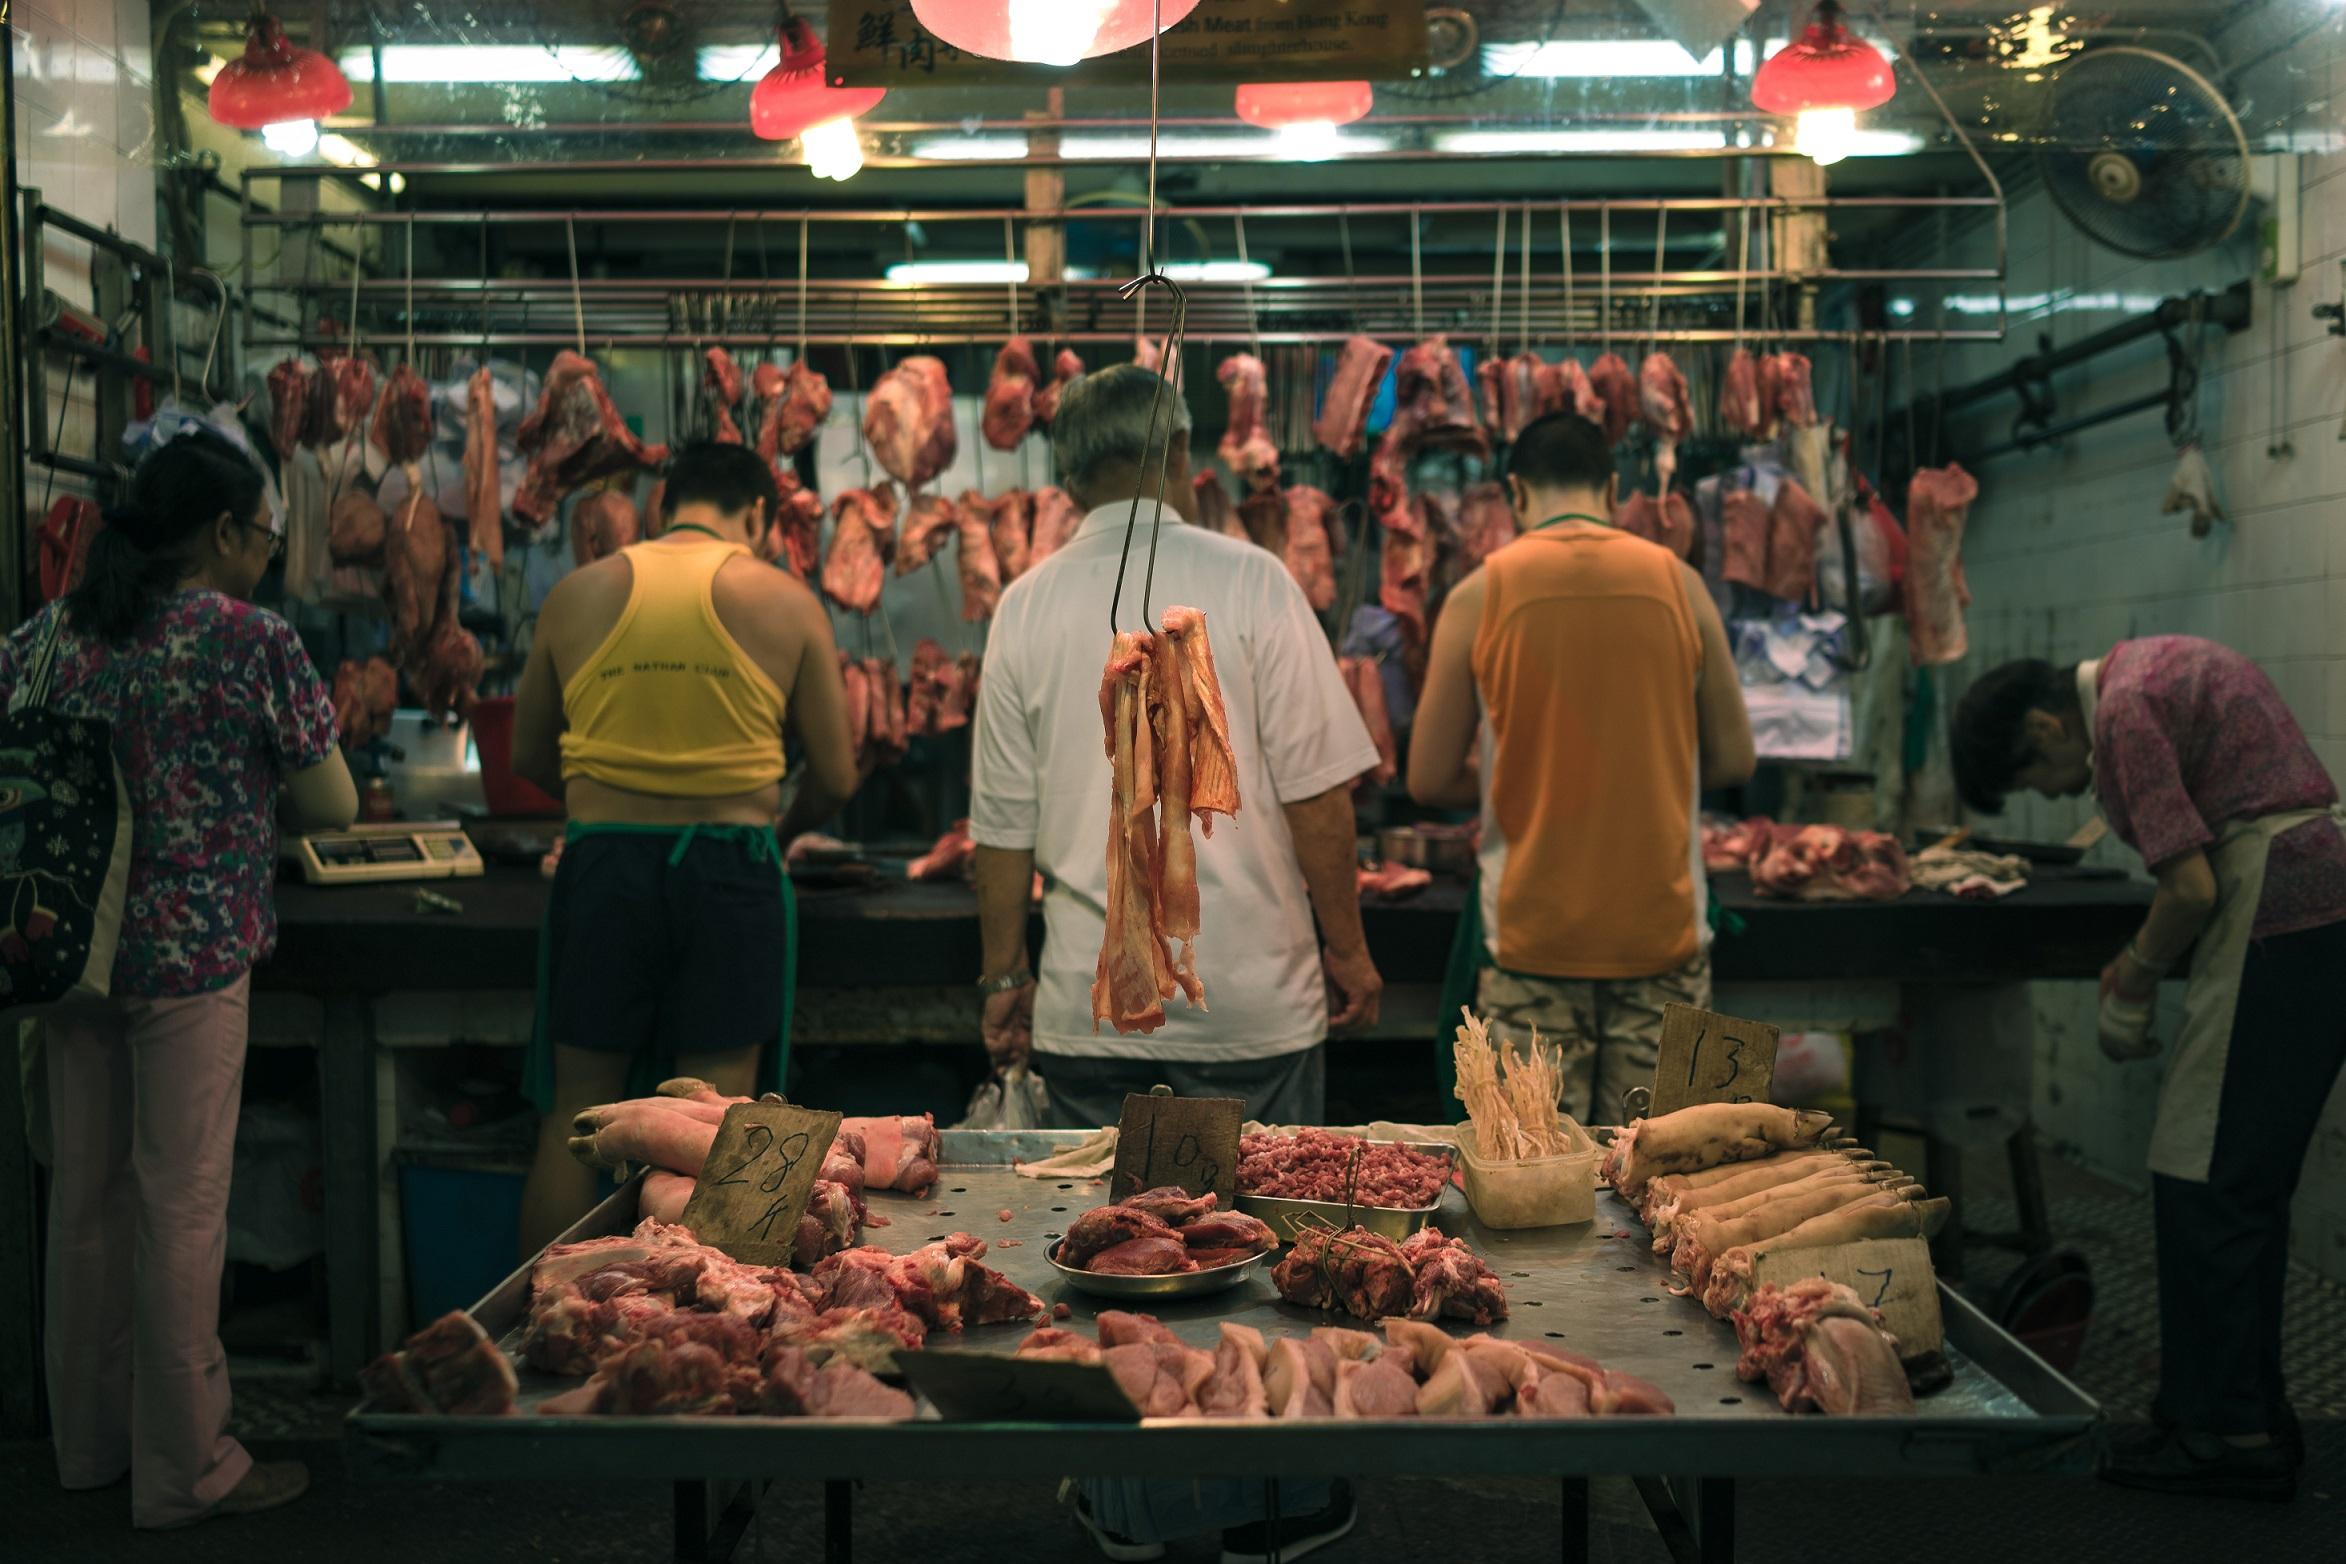 Raw pork in wet market